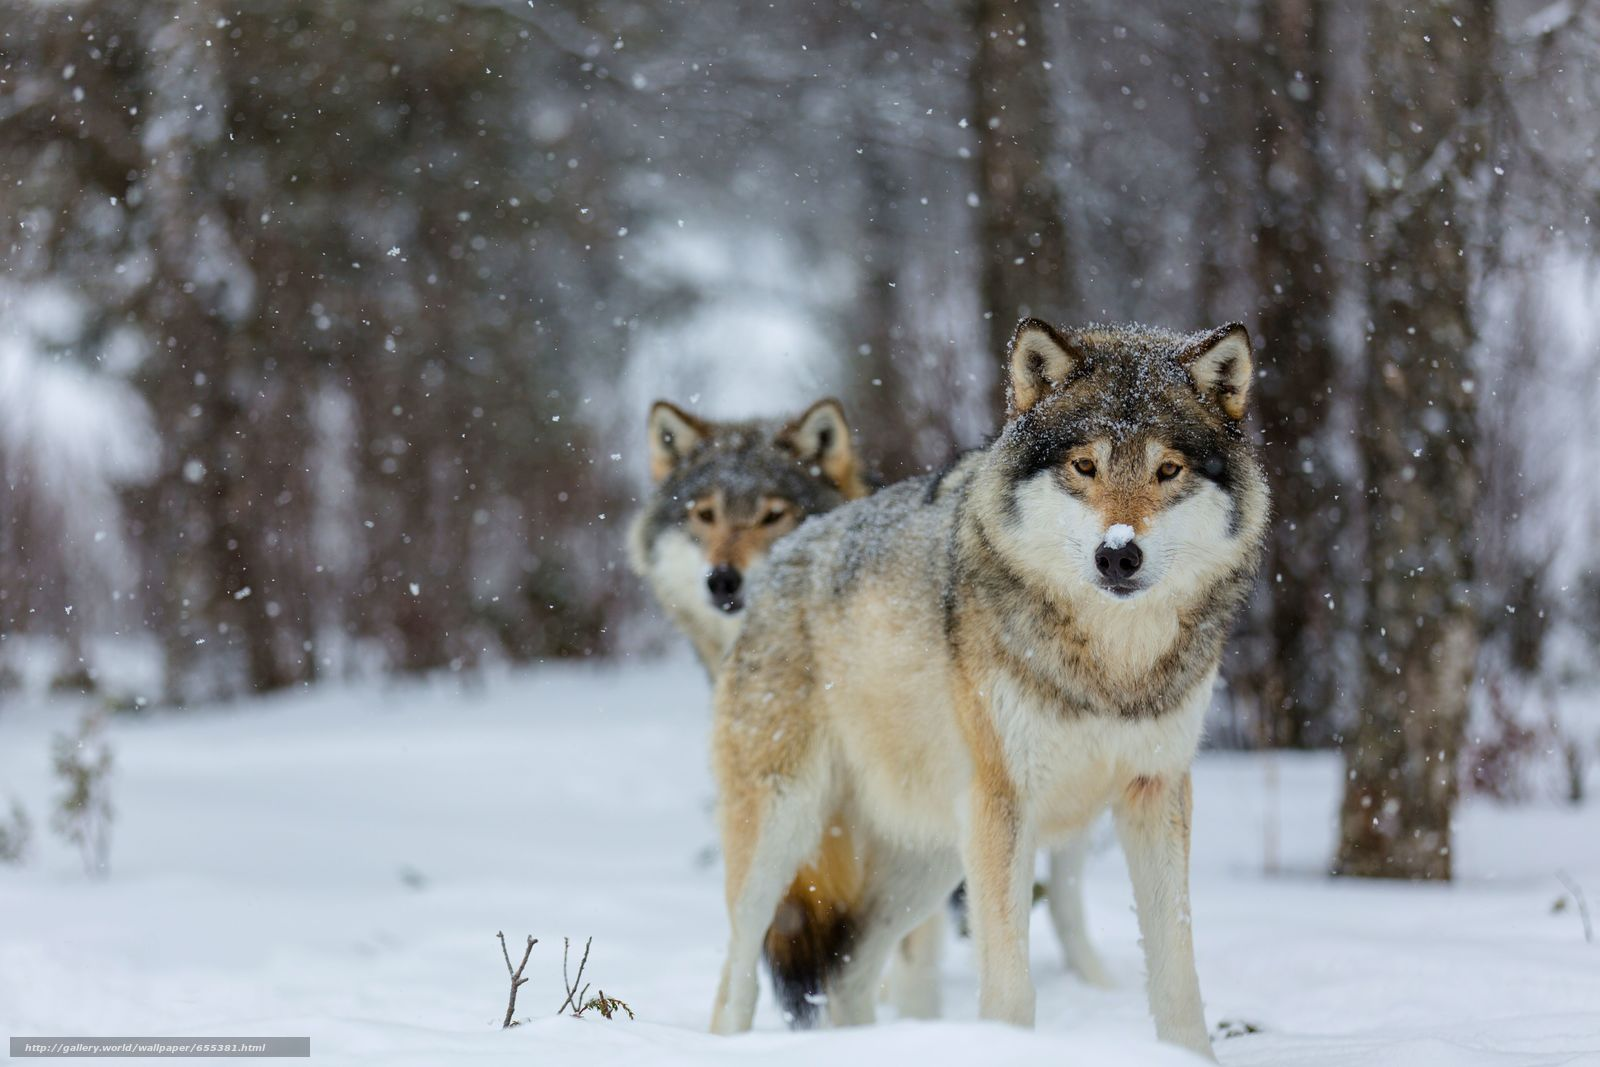 pobra tapety wilk,  Wolves,  zwierzęta,  zima Darmowe tapety na pulpit rozdzielczoci 5760x3840 — zdjcie №655381